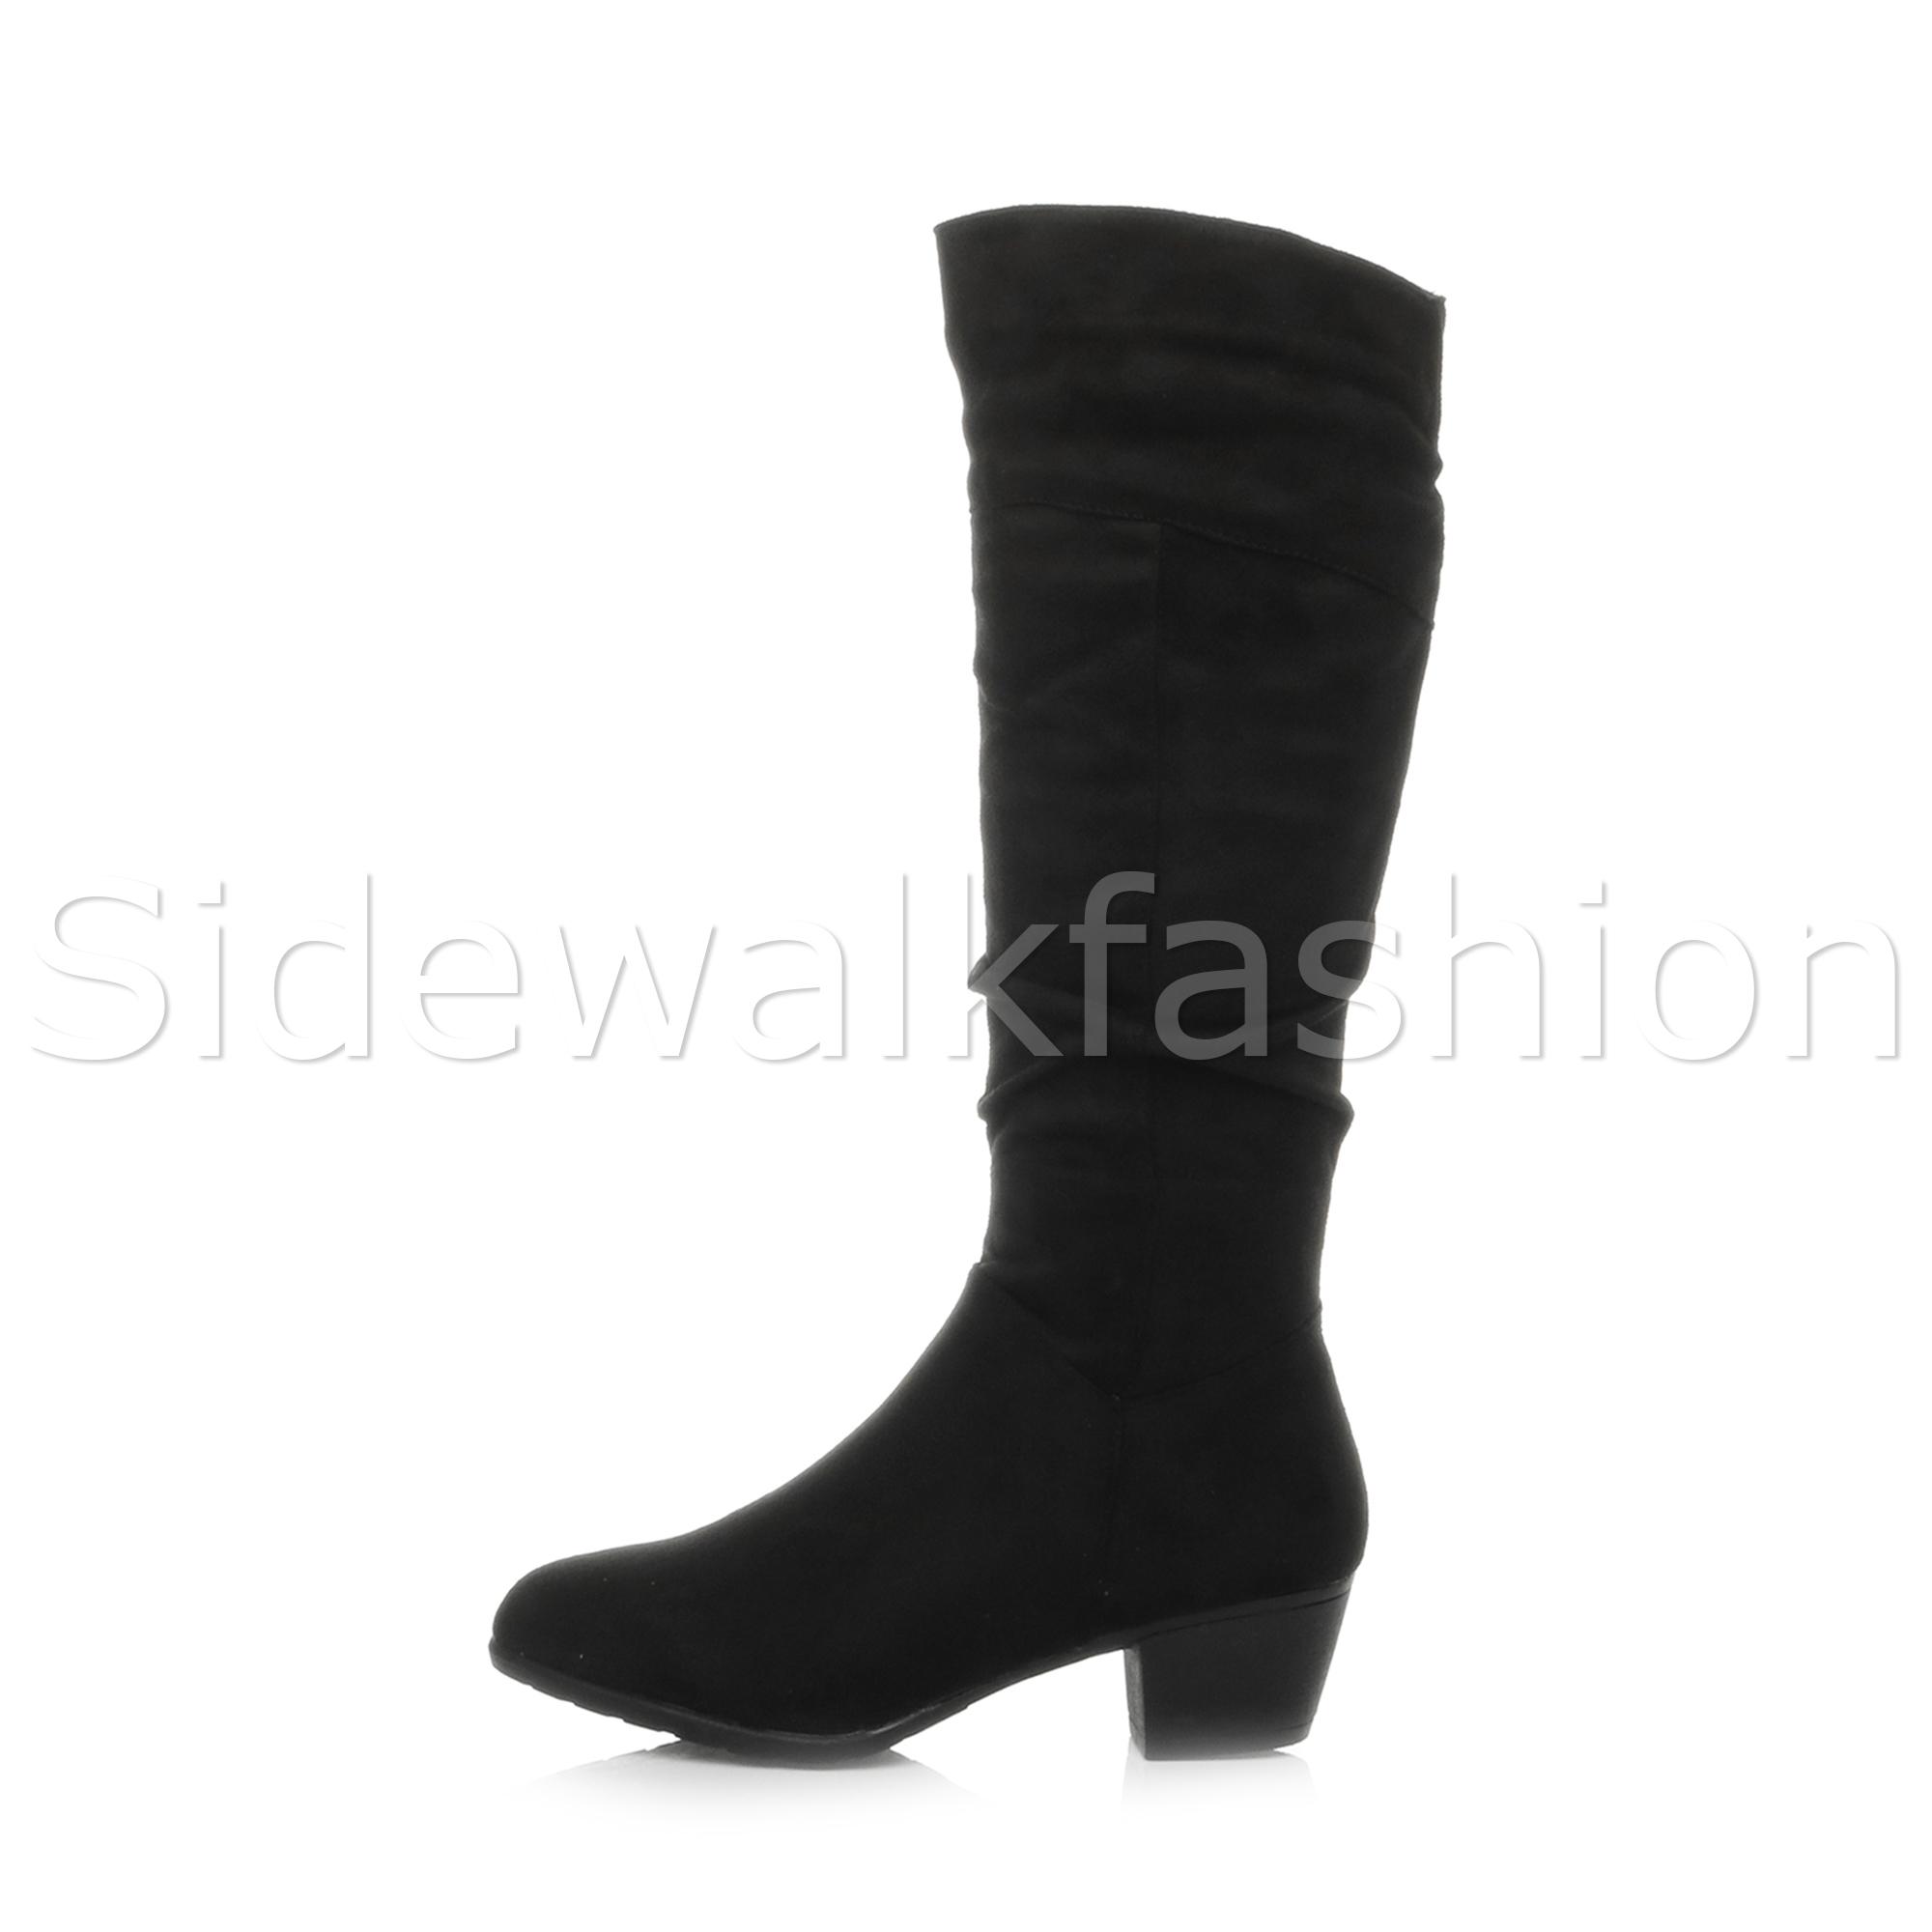 Womens ladies mid low block heel zip riding biker slim calf knee boots size